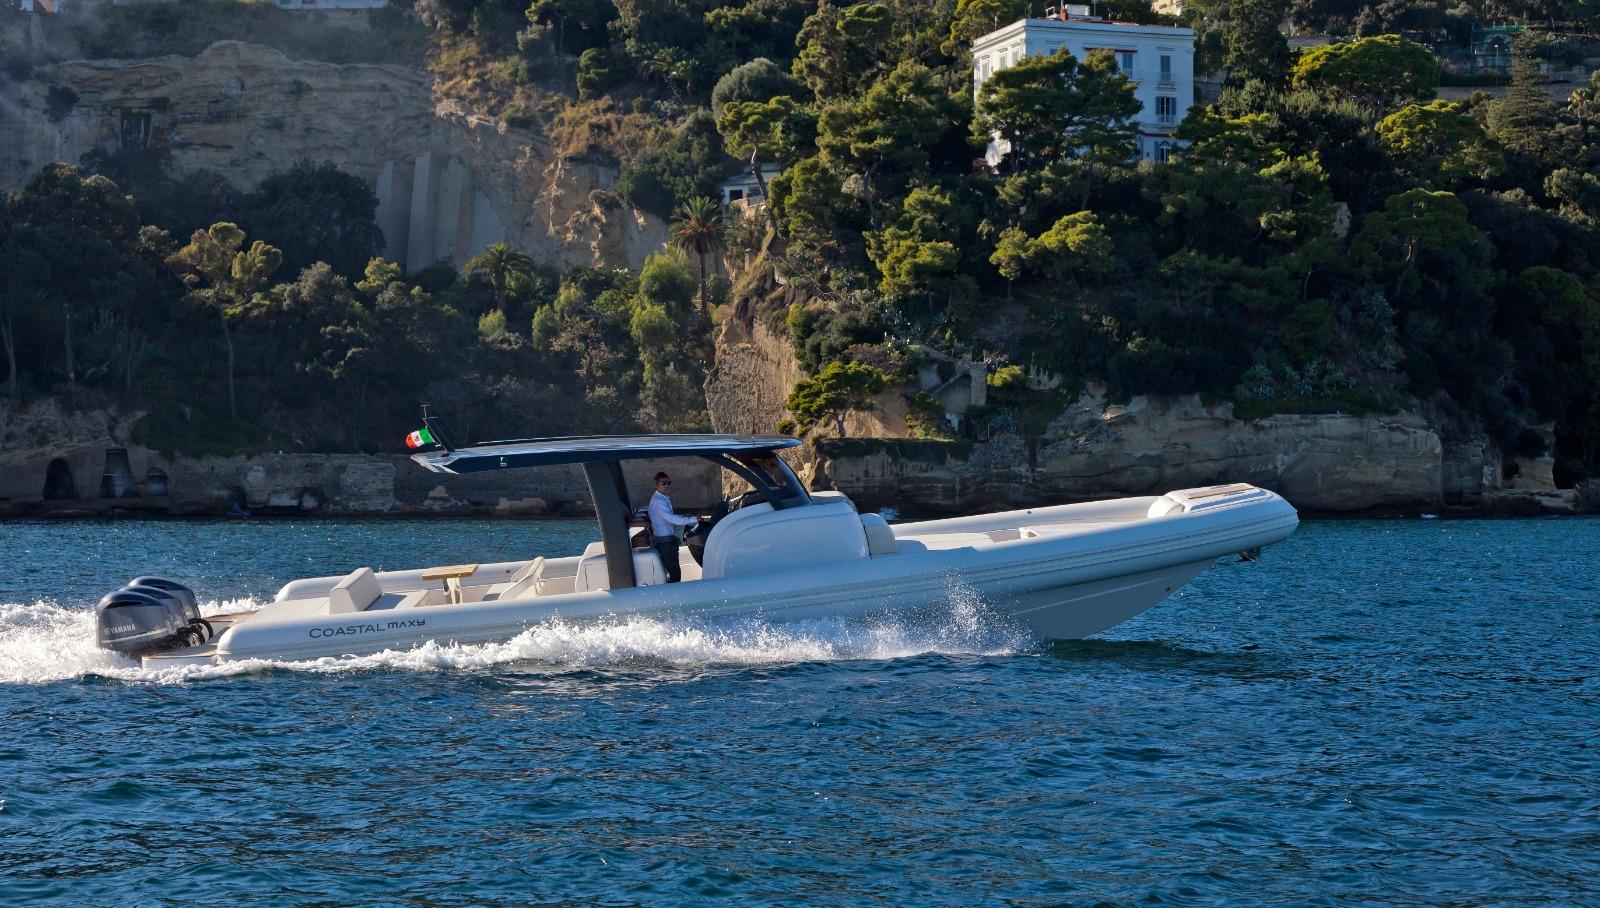 Coastal Boat presenta il nuovissimo Maxy46